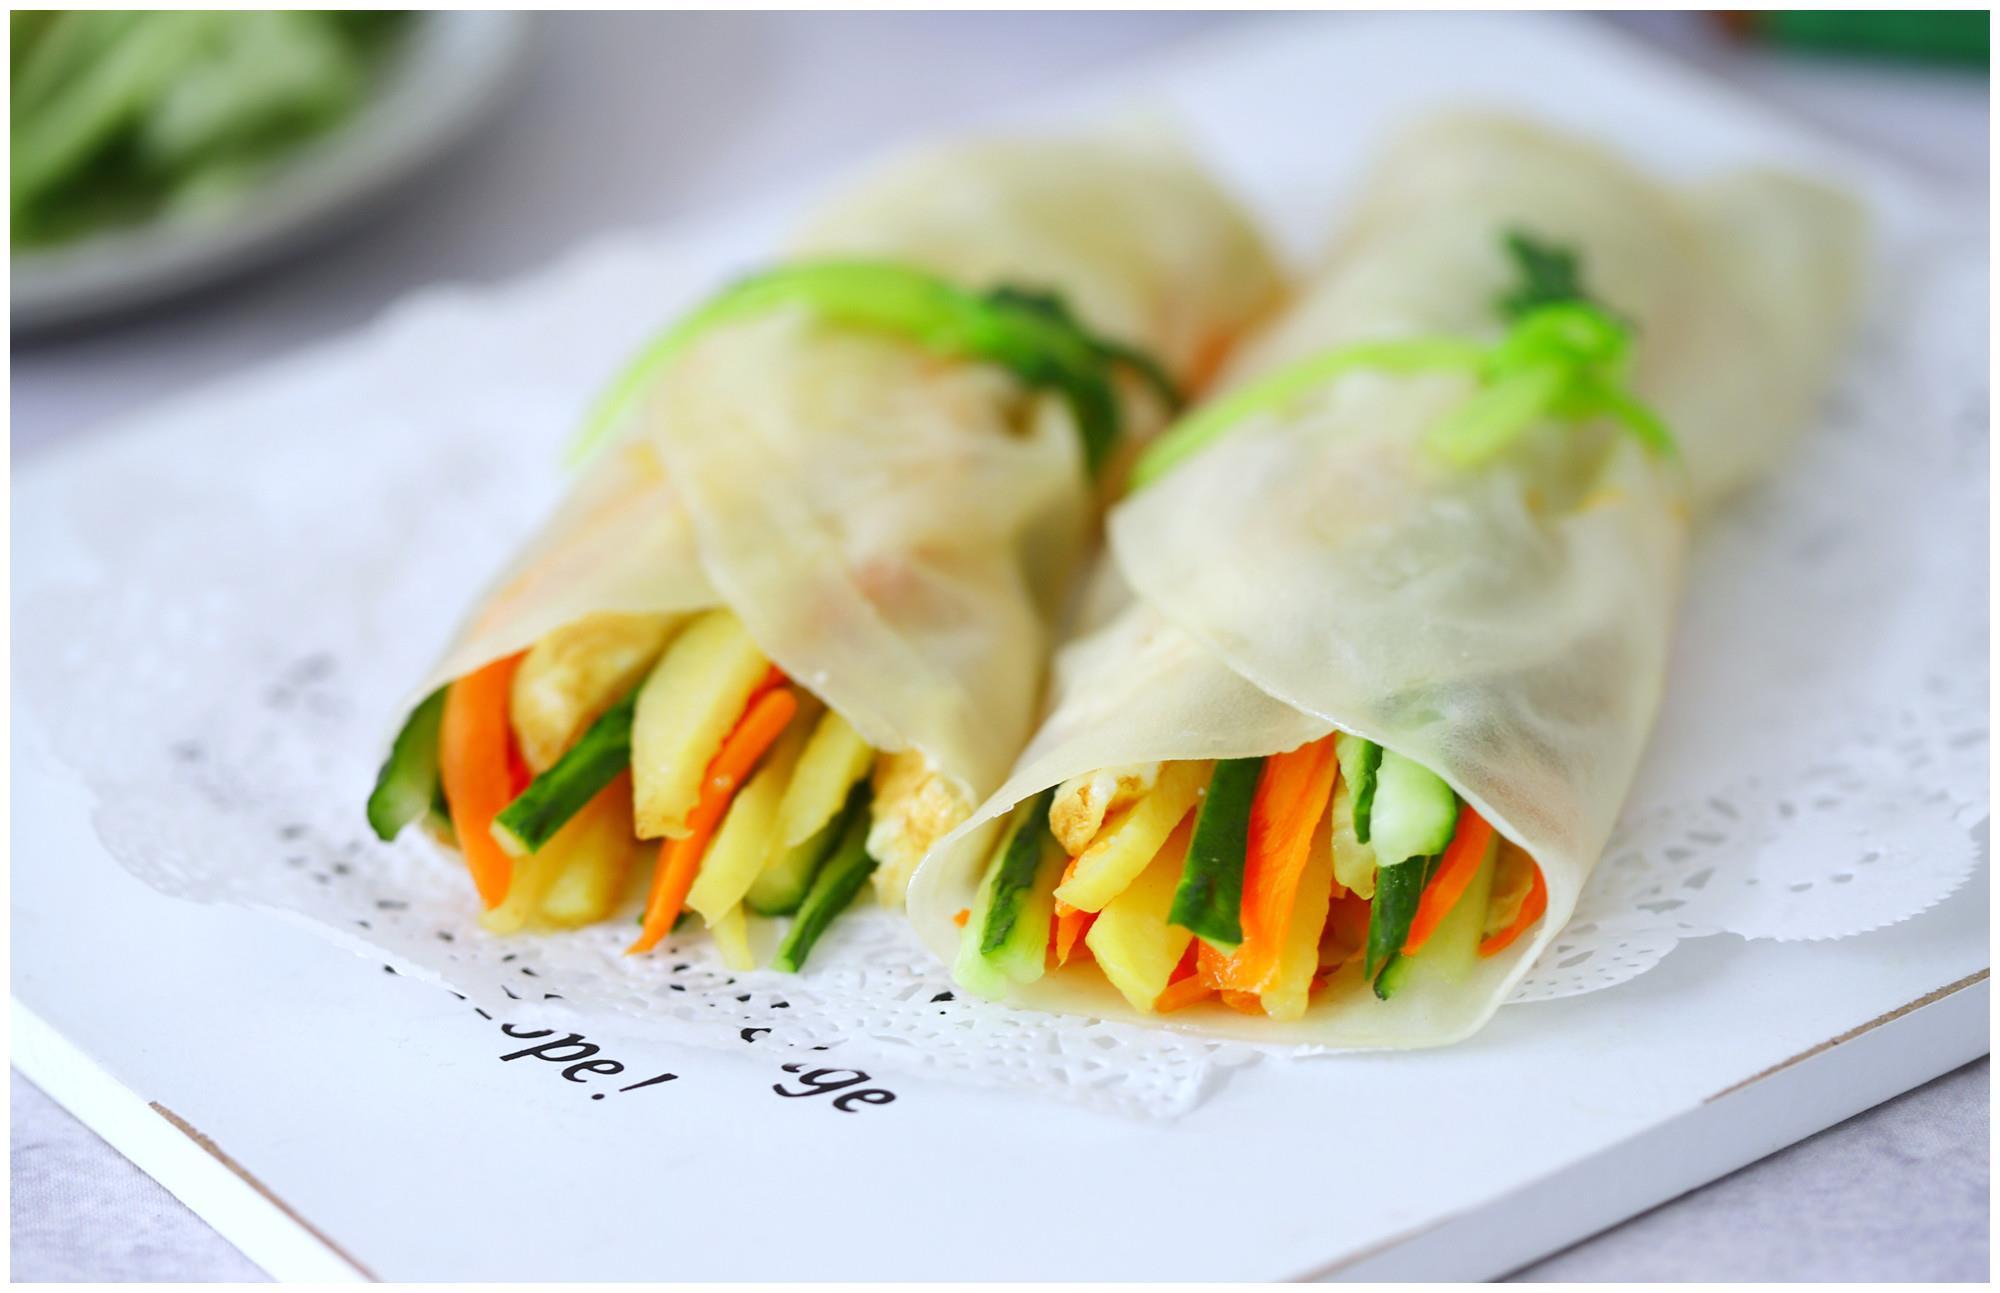 比老北京鸡肉卷好吃的春饼,不发面不烫面,皮薄如纸,做法真简单